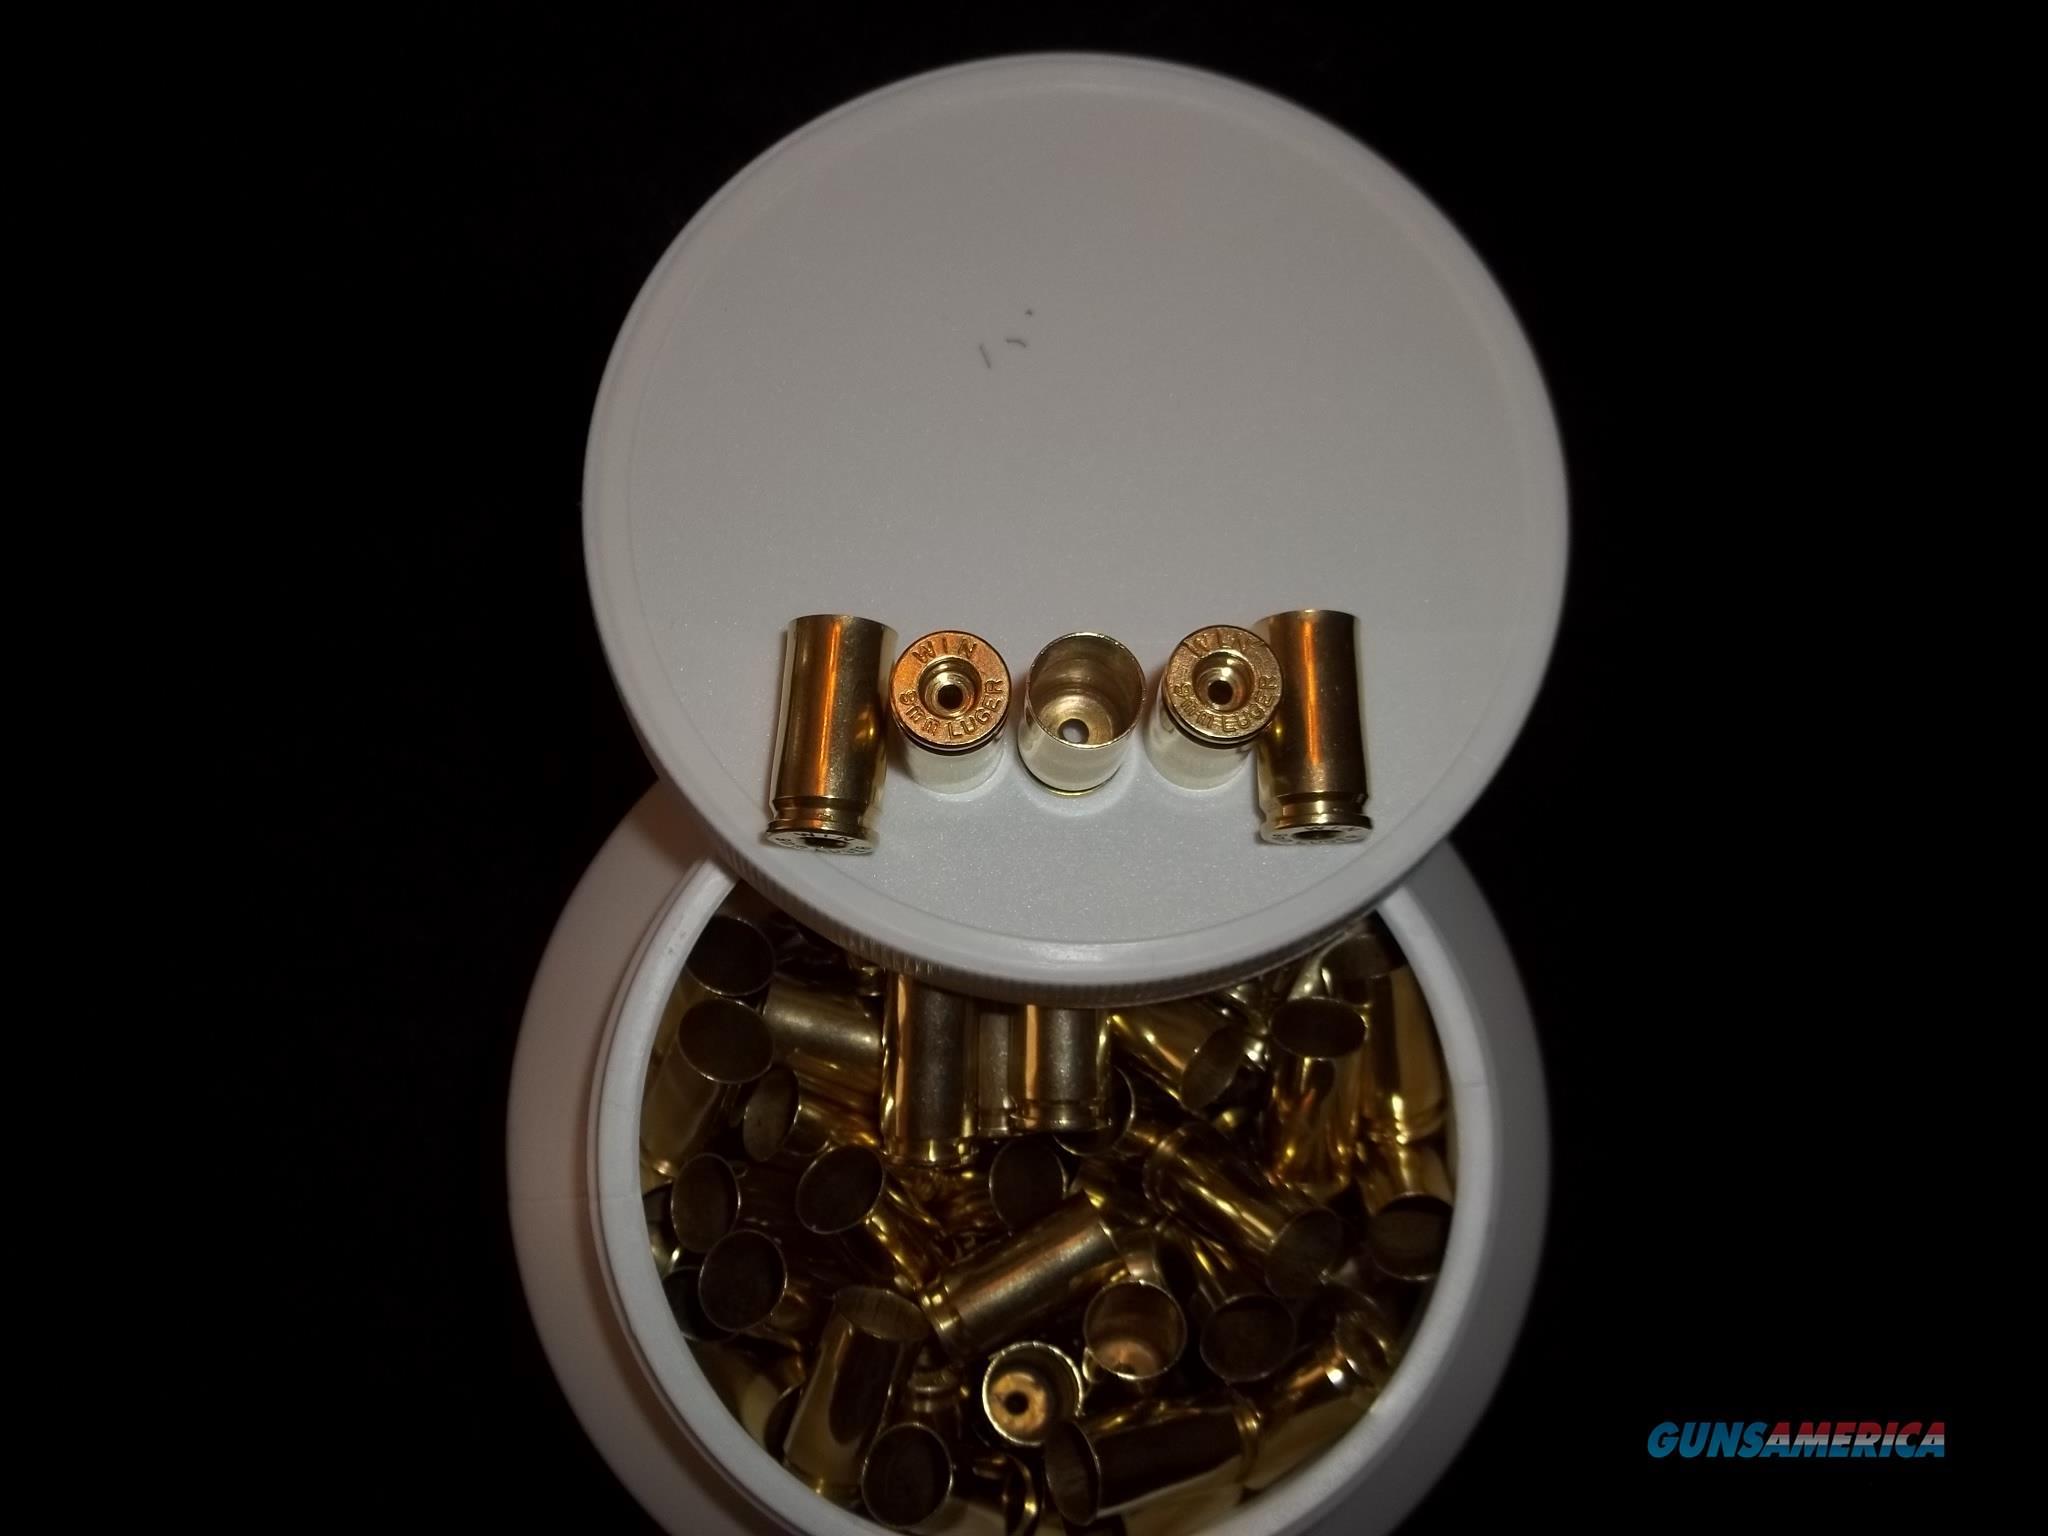 9mm Luger / 9X19 Parabellum Brass  Non-Guns > Reloading > Components > Brass